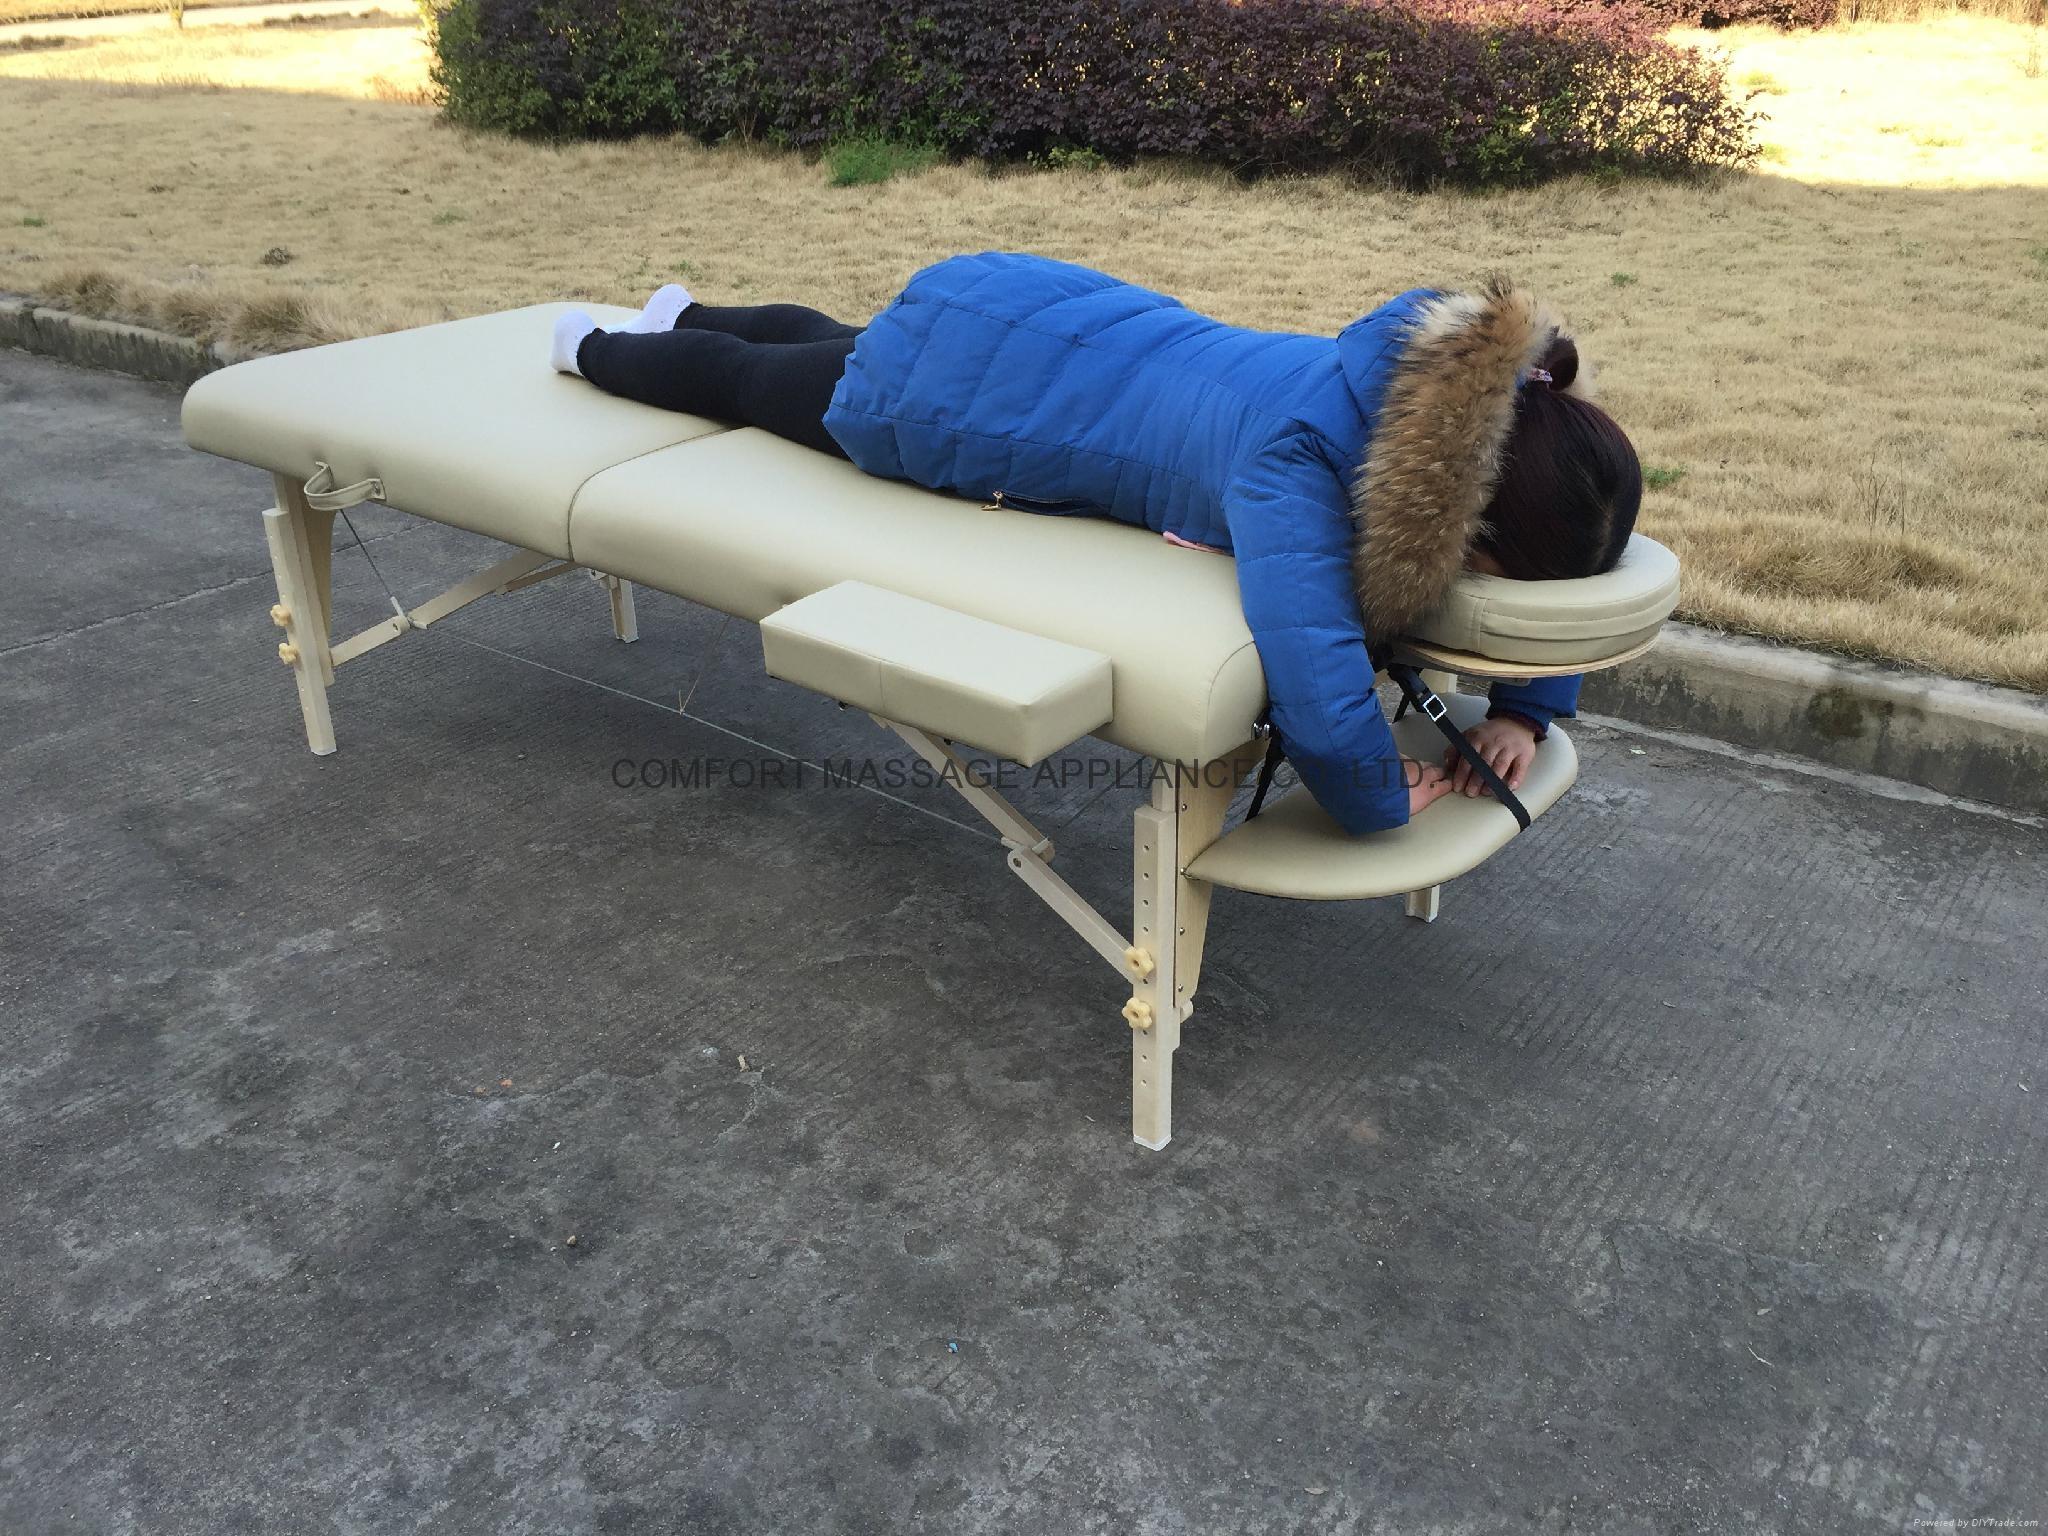 白色櫸木料木製折疊按摩床MT-007W暢銷日本款 4